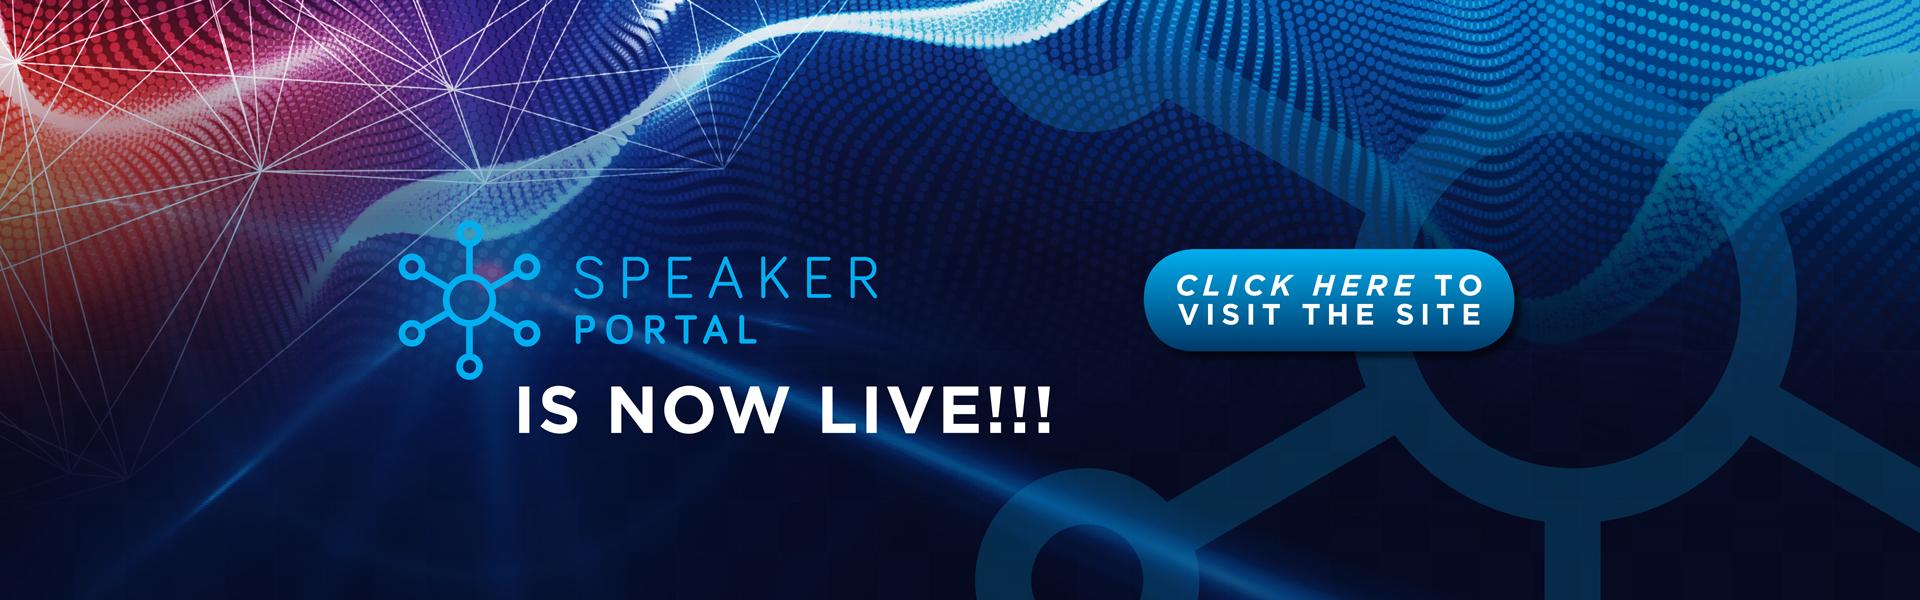 speaker_portal_web_banner-2